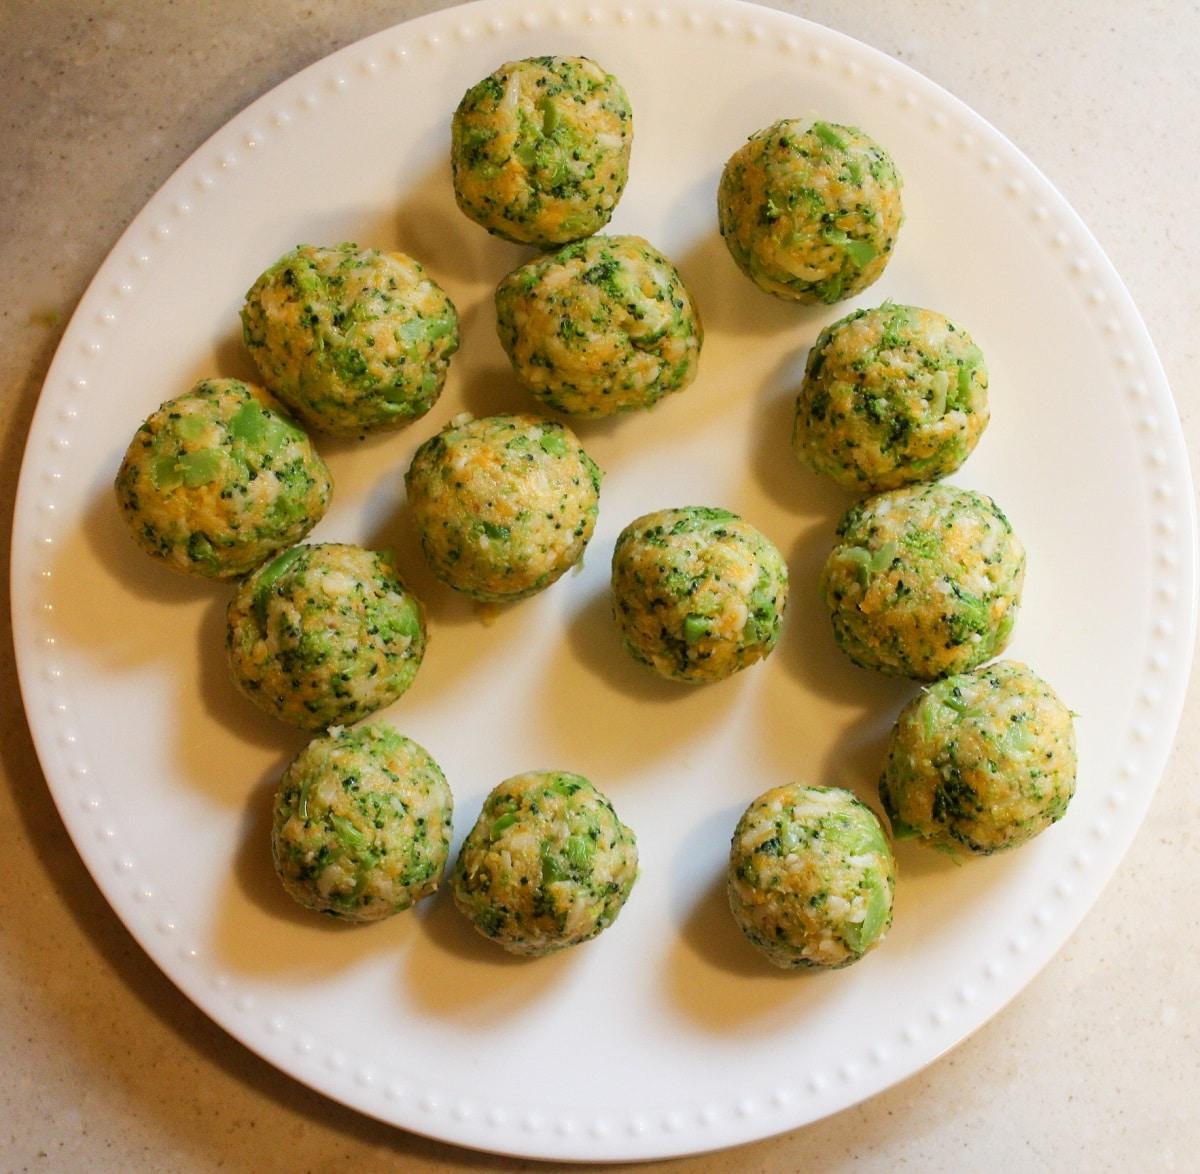 unbreaded broccoli cheddar bites